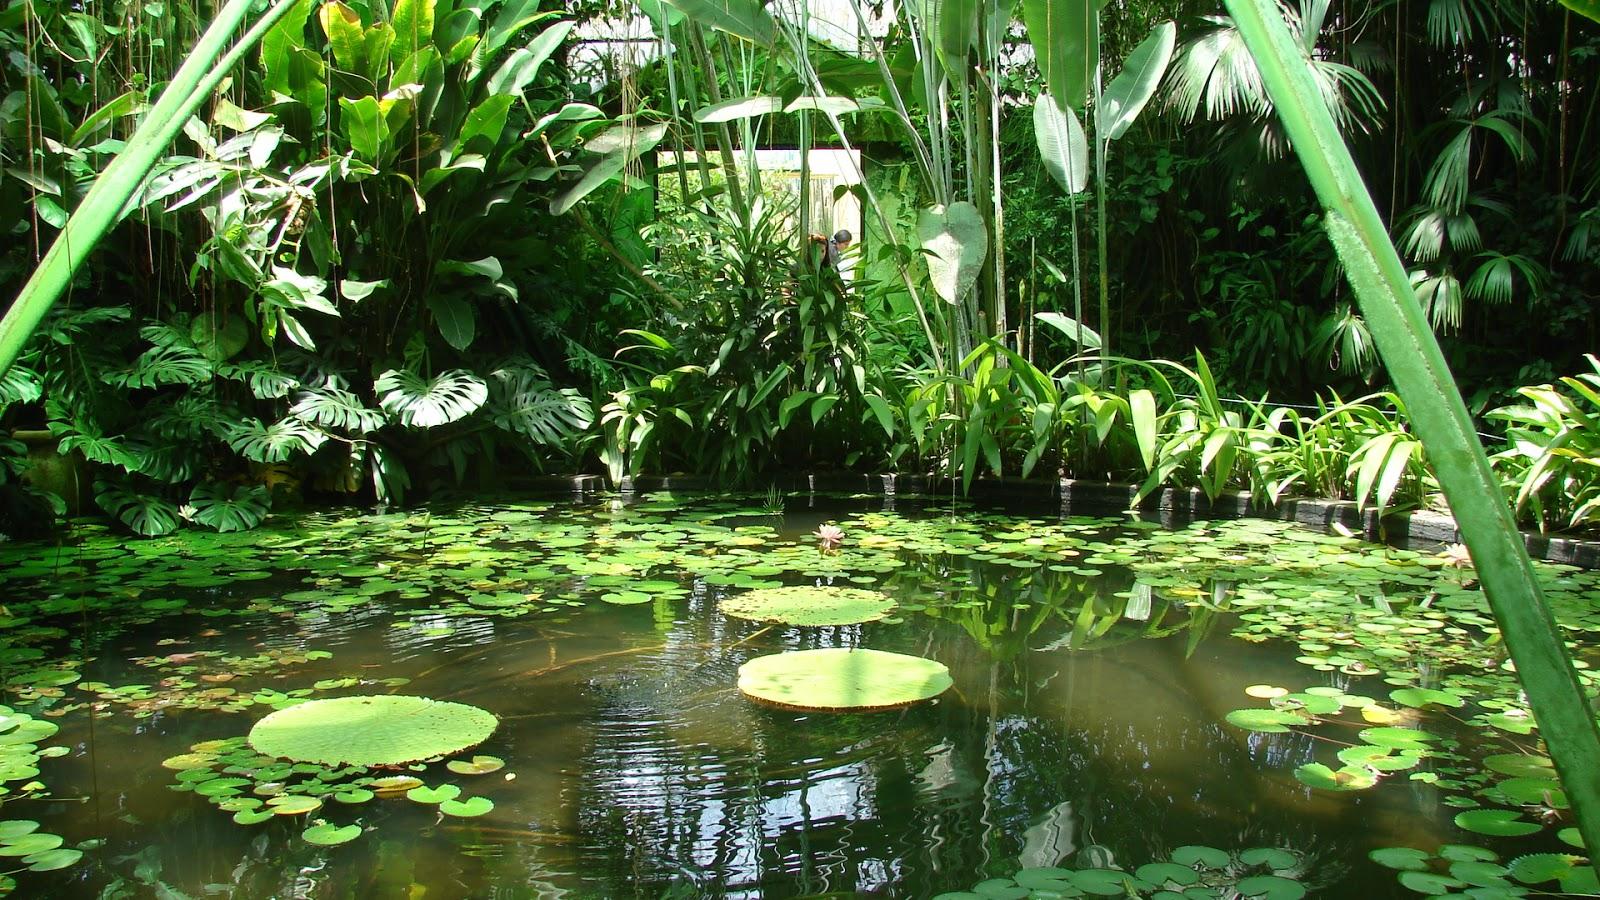 Paisajismo pueblos y jardines el jard n bot nico jos for Botanico jardin